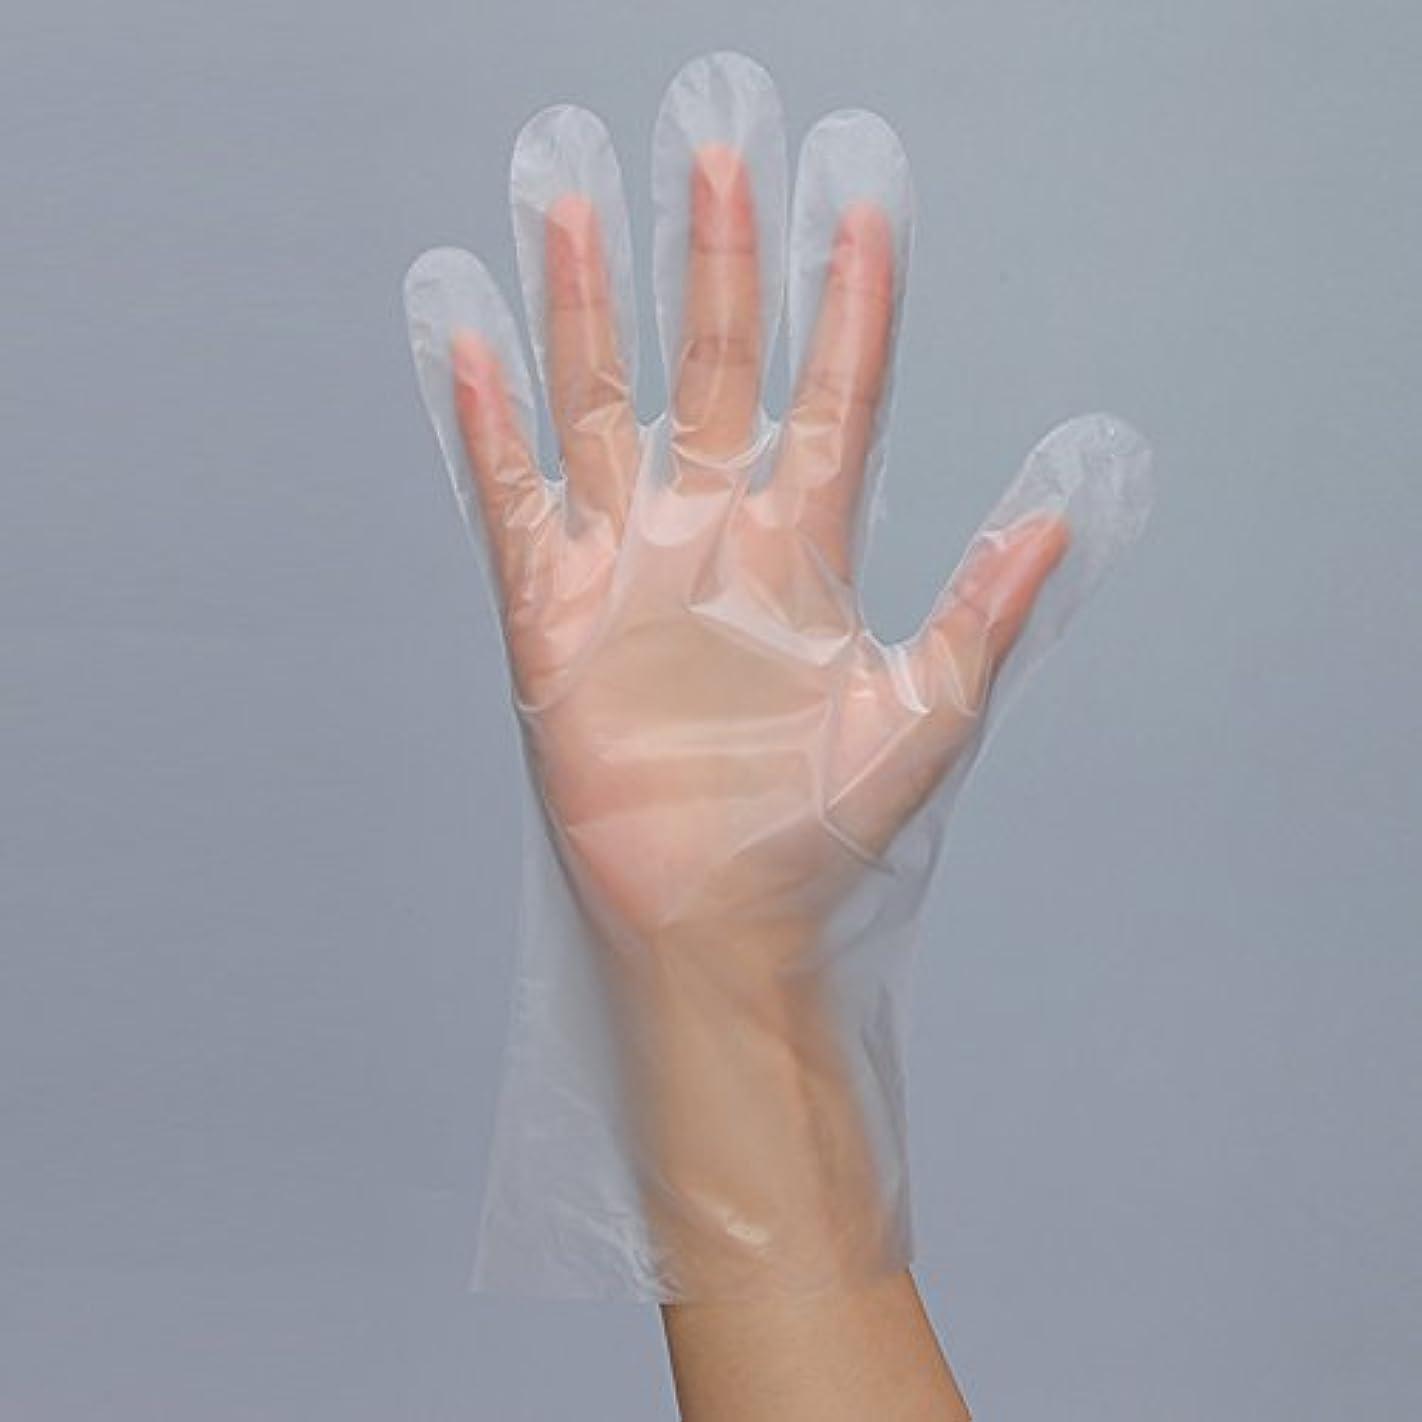 塗抹ワイプ生き残り使い捨て手袋 透明 食事 キッチン 調理 美容用 衛生 20/100枚入  (100枚入(薄型))